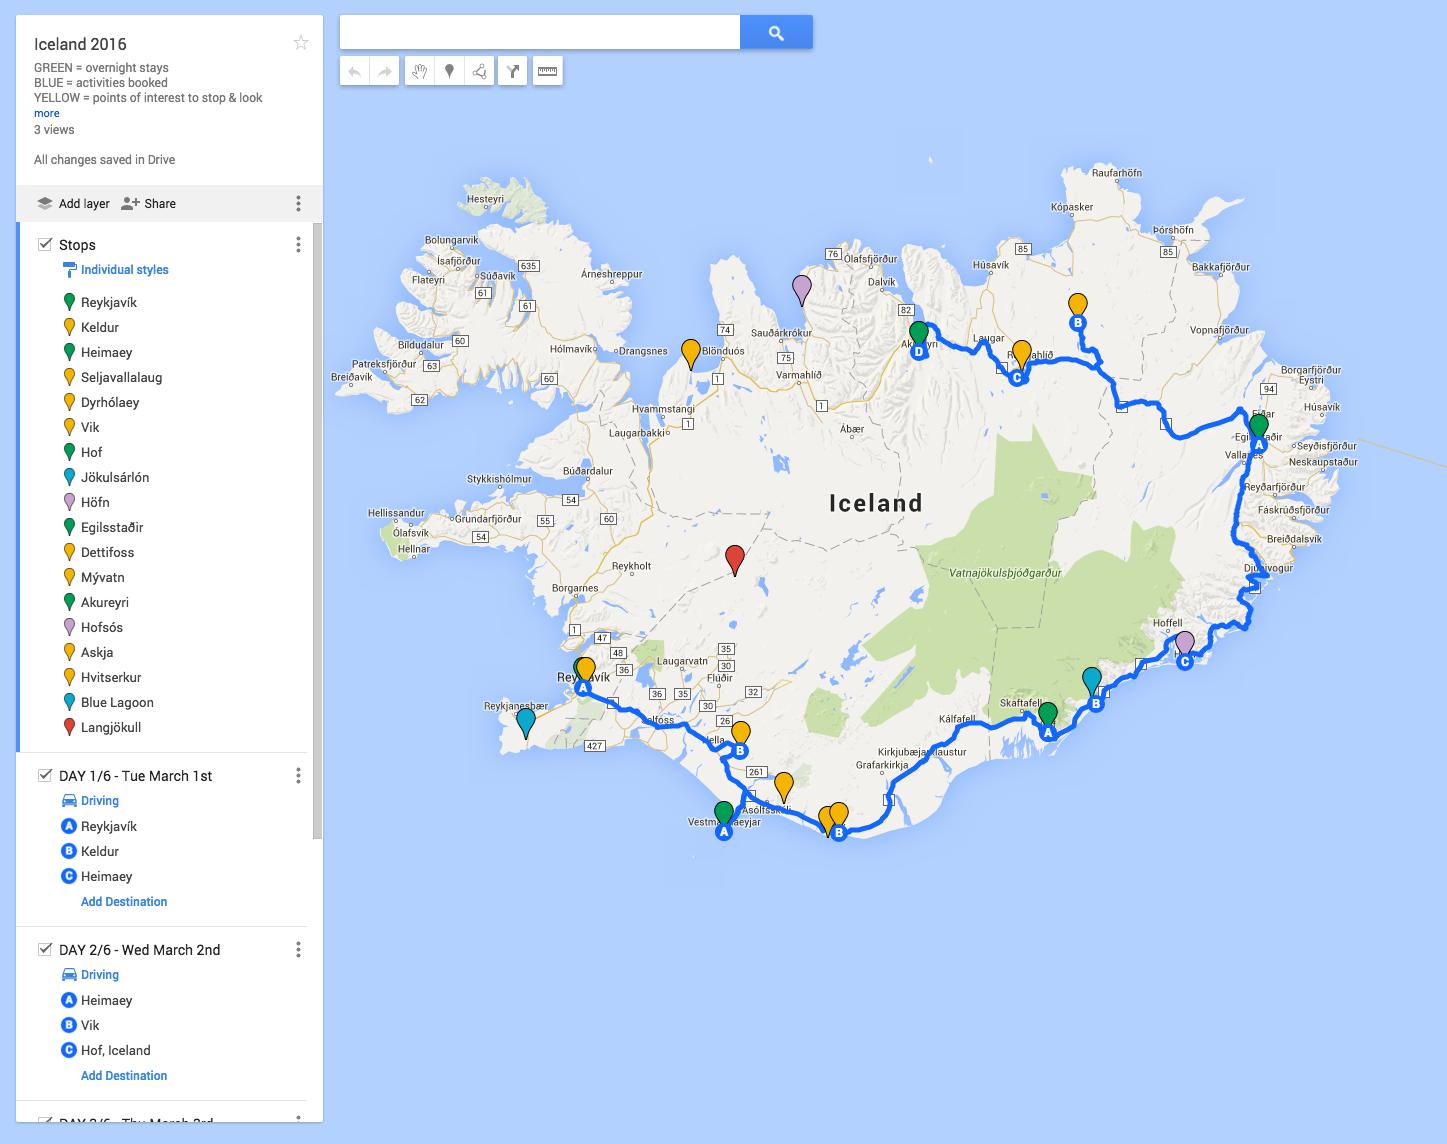 Iceland 2016 road trip map is in progress.